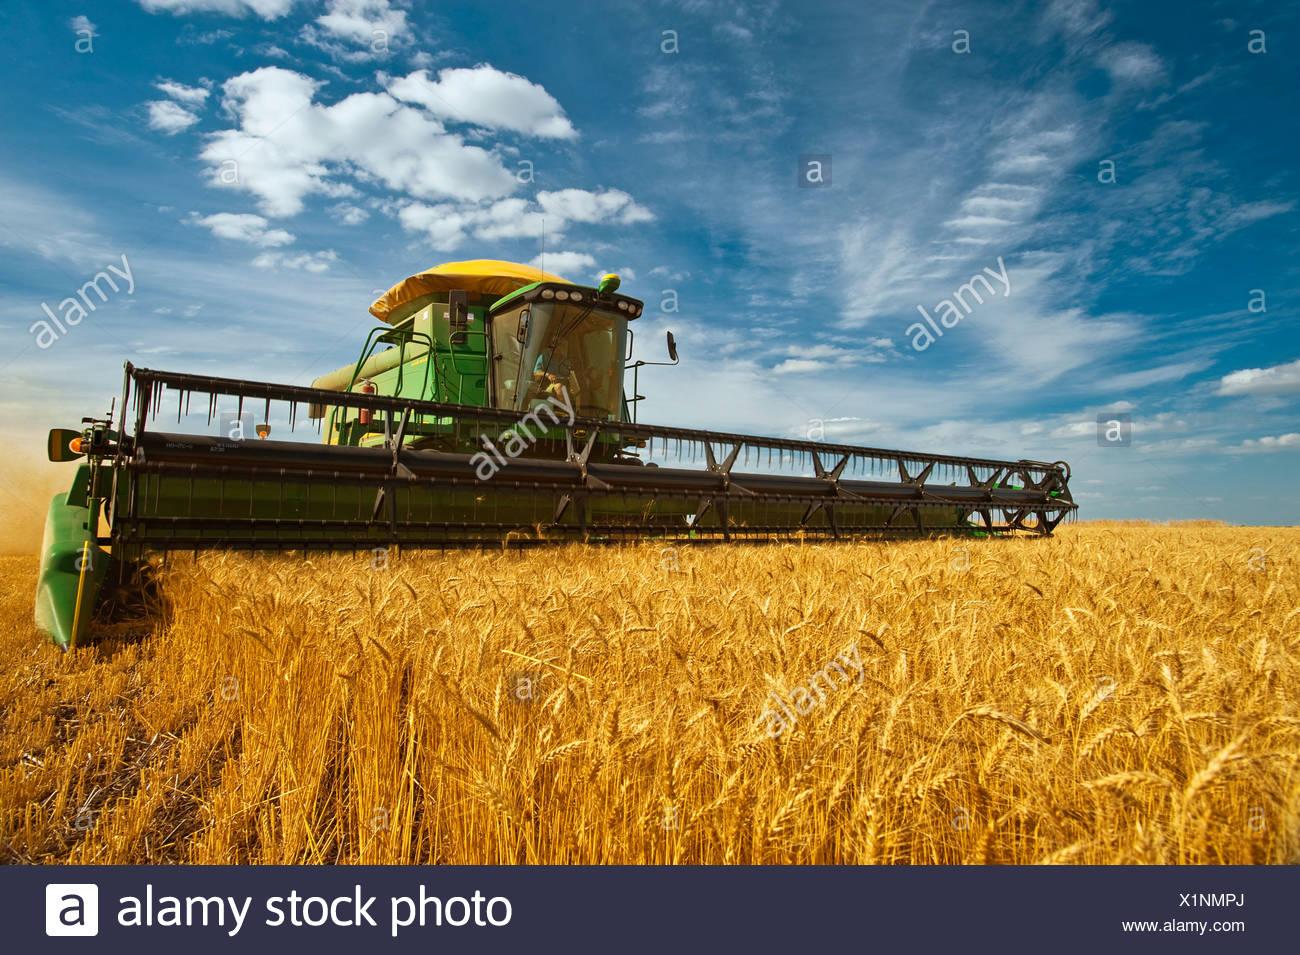 Agricoltura - una mietitrebbia John Deere maturo di raccolti di grano di inverno nel tardo pomeriggio / luce vicino Kane, Manitoba, Canada. Immagini Stock